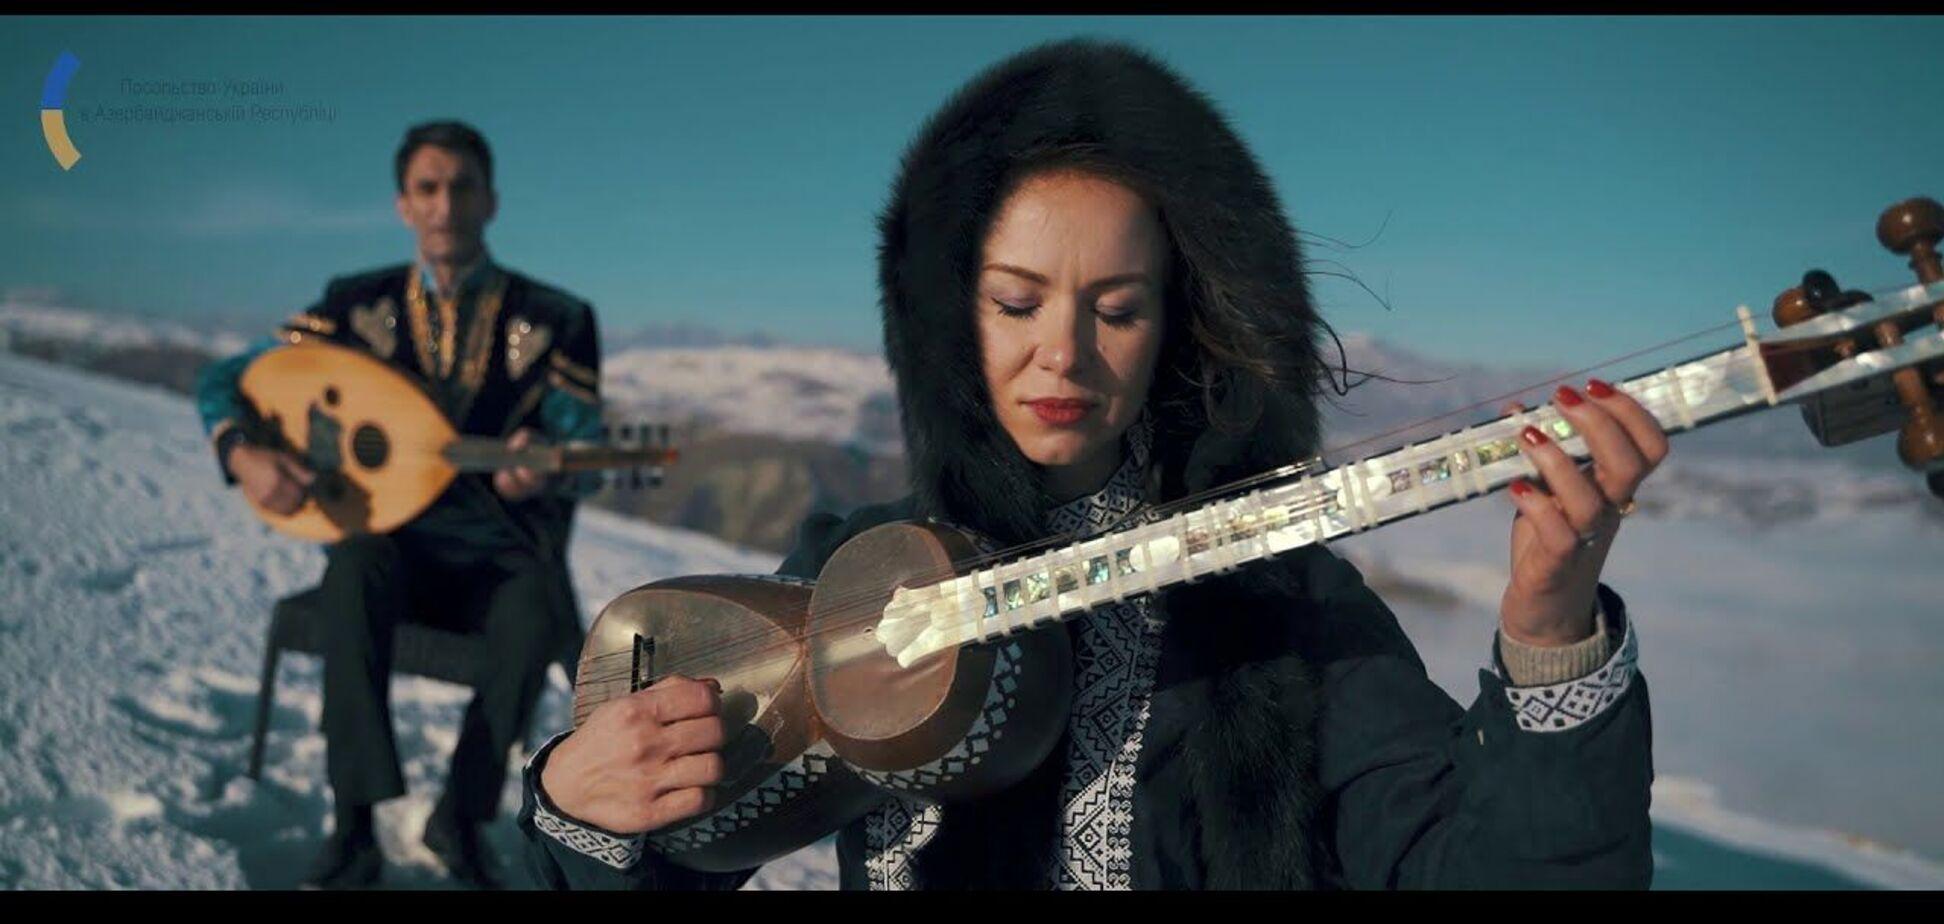 Азербайджанські музиканти виконали 'Щедрик' серед гір: слухати пісню